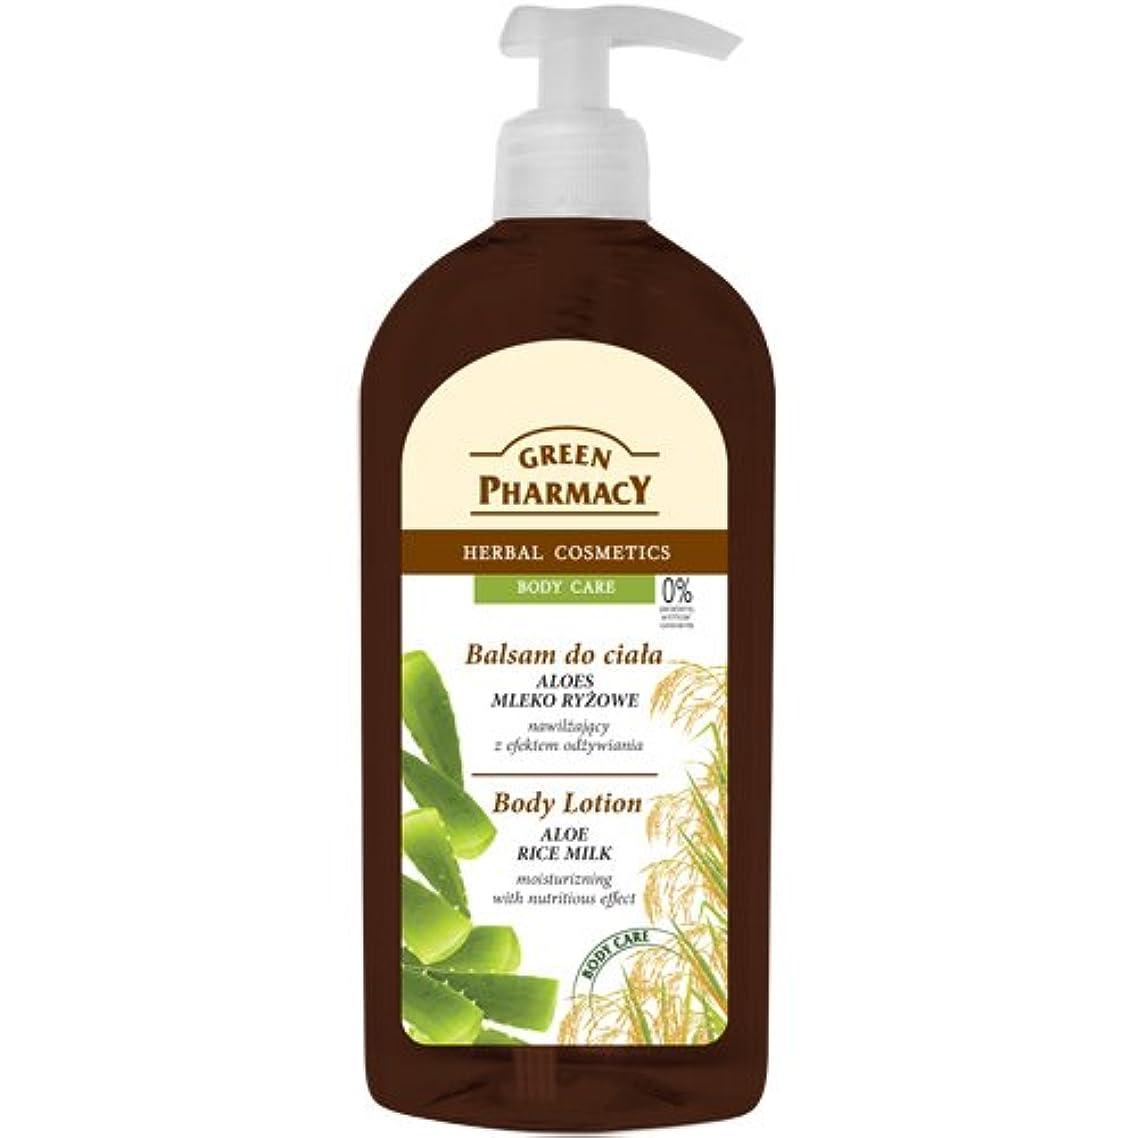 納屋花火ワゴンElfa Pharm Green Pharmacy グリーンファーマシー Body Lotion ボディローション Aloe Ricemilk